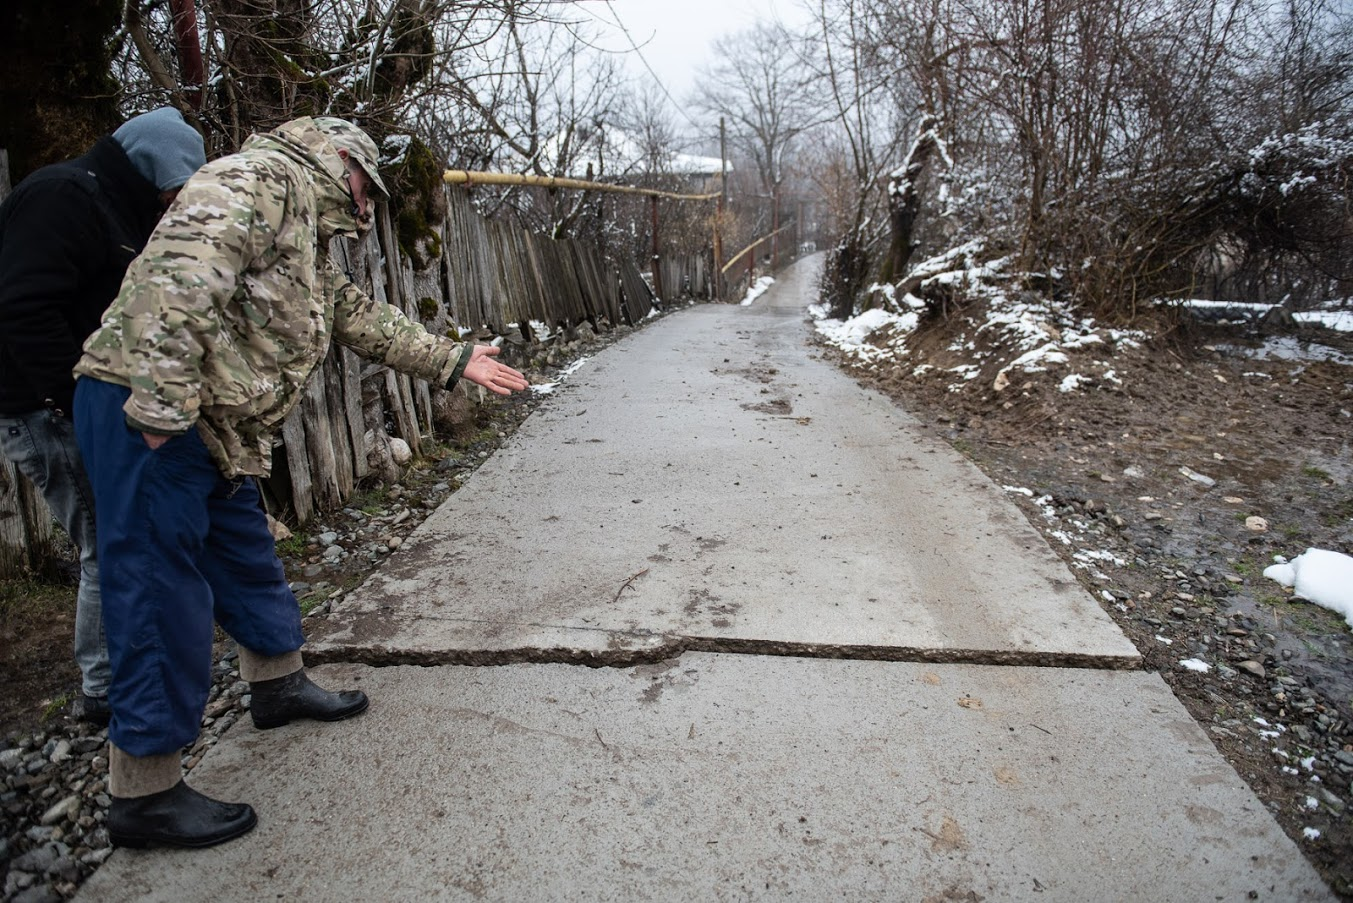 Шекиладзе показывает на недавно проложенную дорогу, которая уже начала разрушаться. Фото: Мариам Никурадзе/OC Media